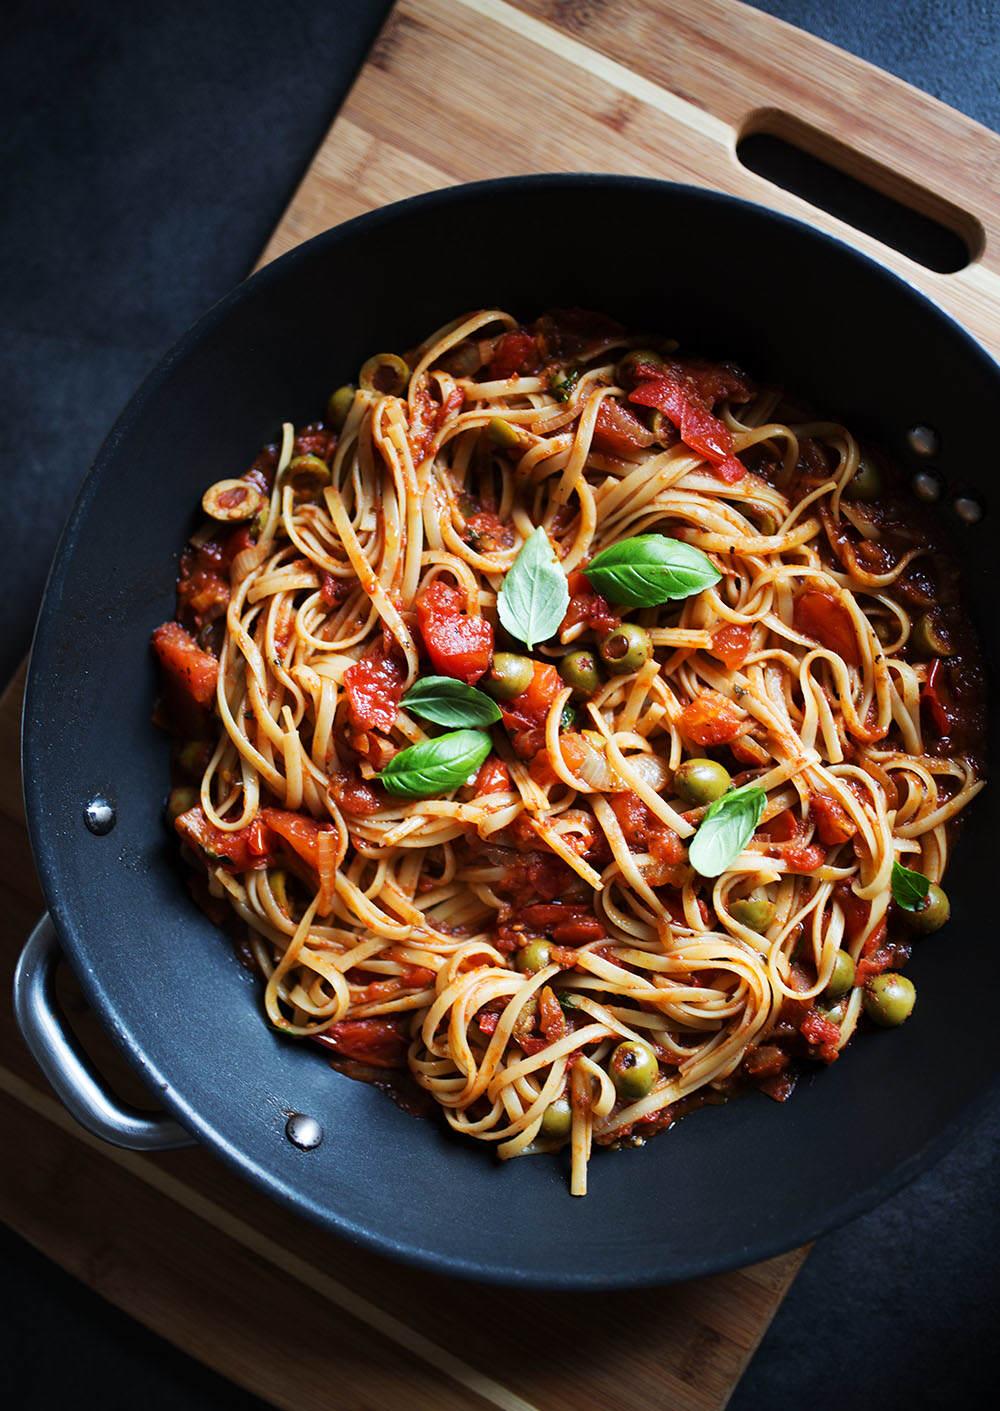 marakon z sosem pomidorowym z listaki bazylii